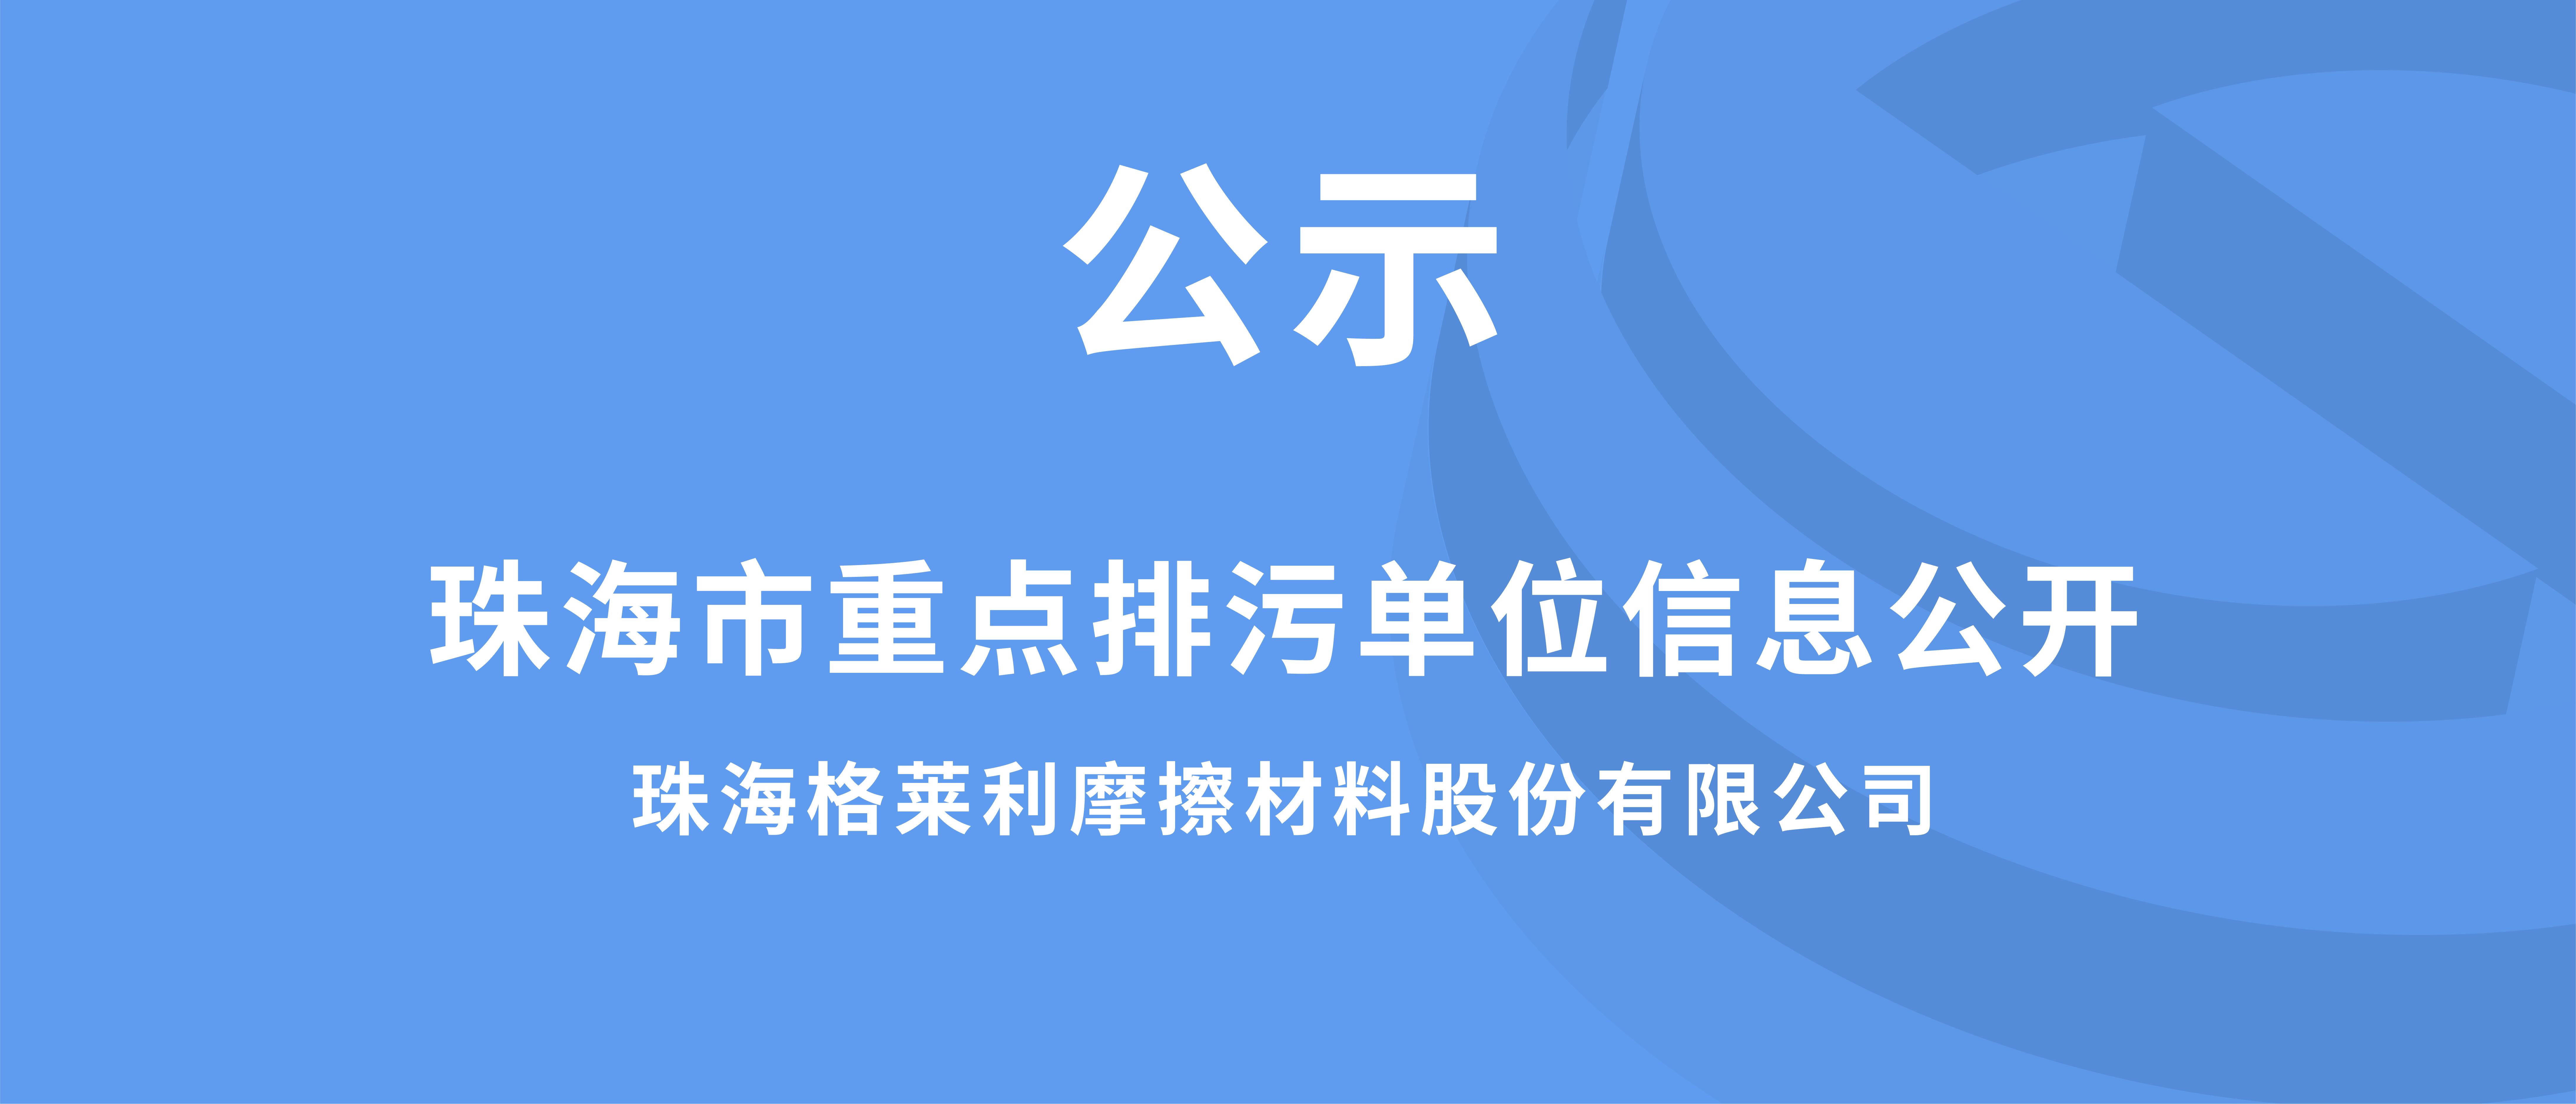 公示:珠海市重點排污單位信息公開-珠海格萊利摩擦材料股份有限公司